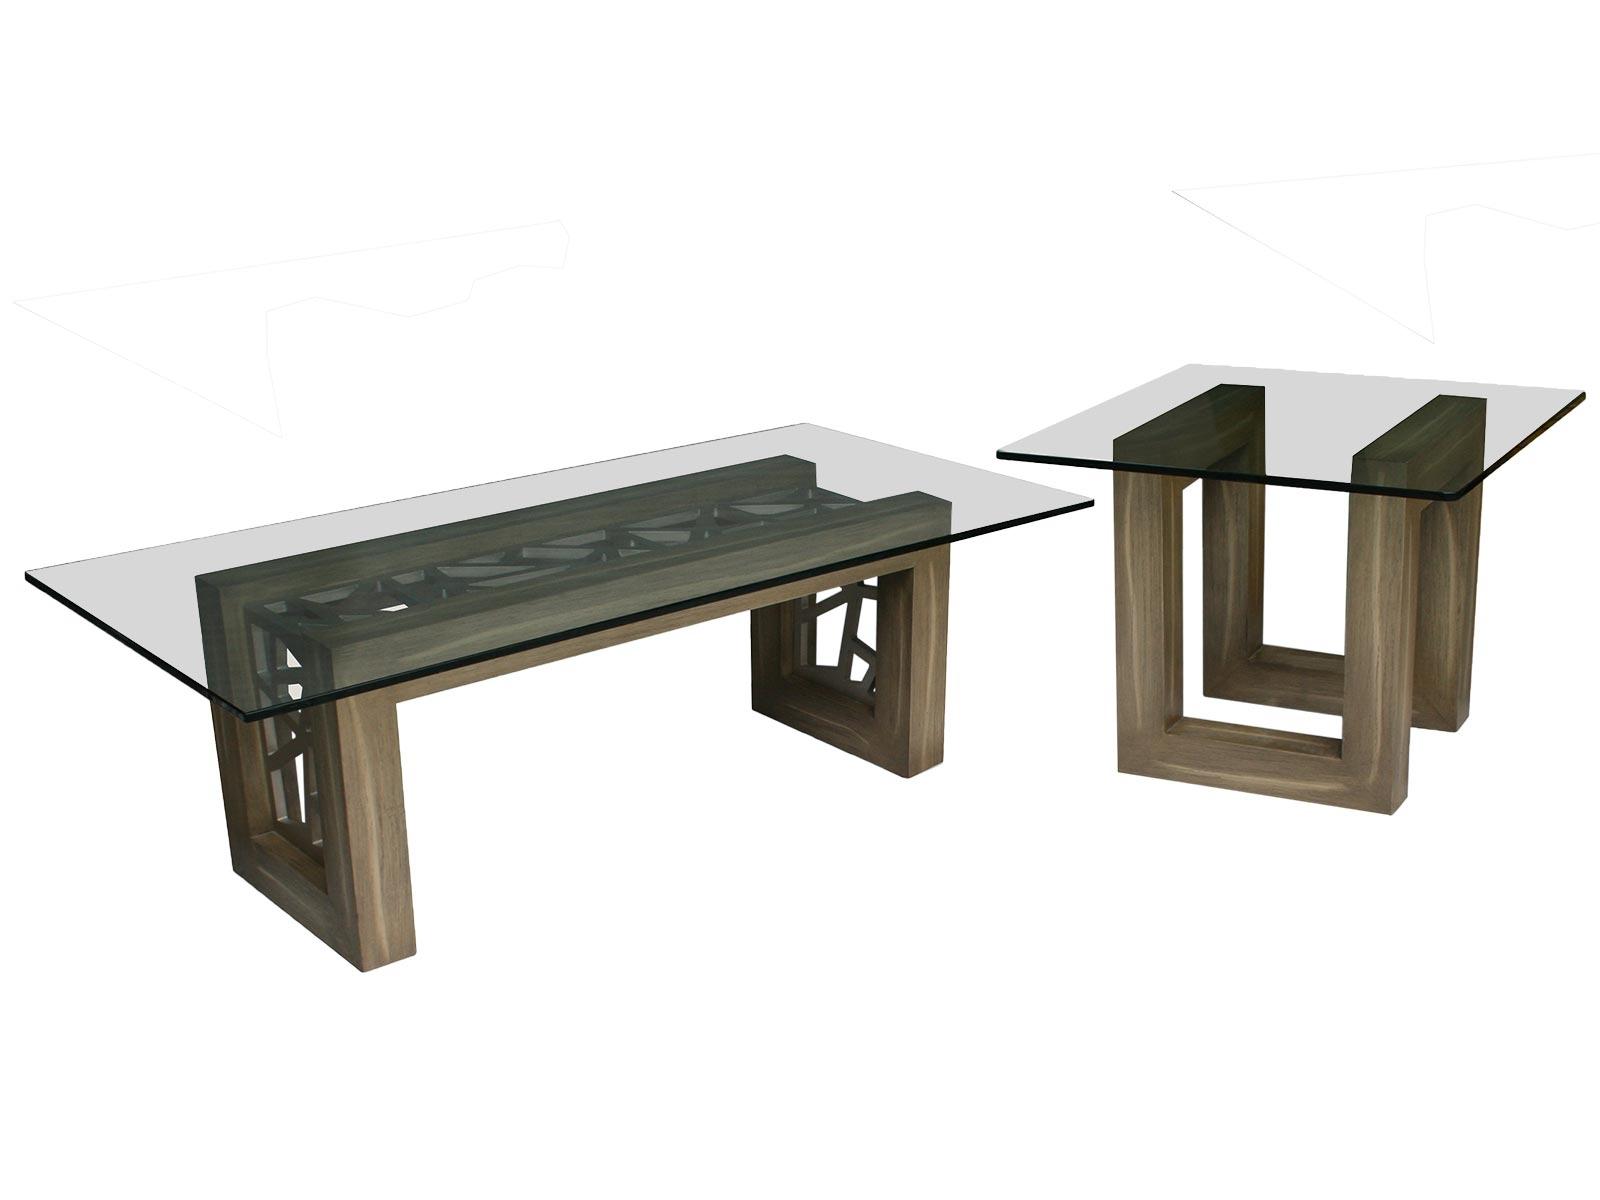 Mesa de sala porto centro y lateral para cristal for Mesas de centro de sala de vidrio